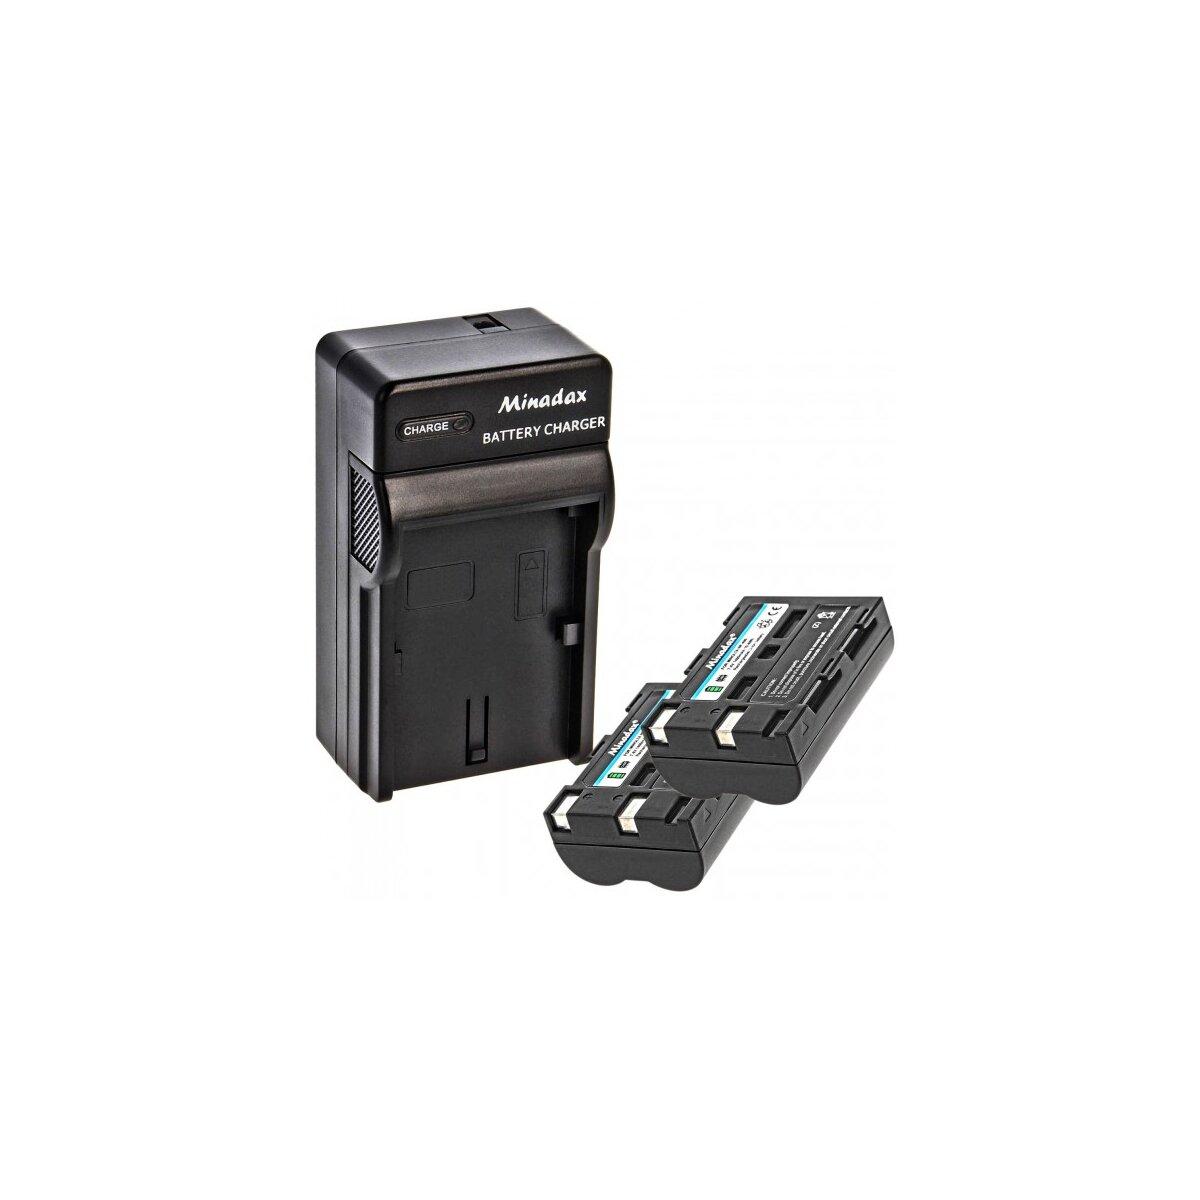 Minadax® Ladegeraet 100% kompatibel fuer Minolta NP-400 inkl. Auto Ladekabel, Ladeschale austauschbar + 2x Akku wie NP-400